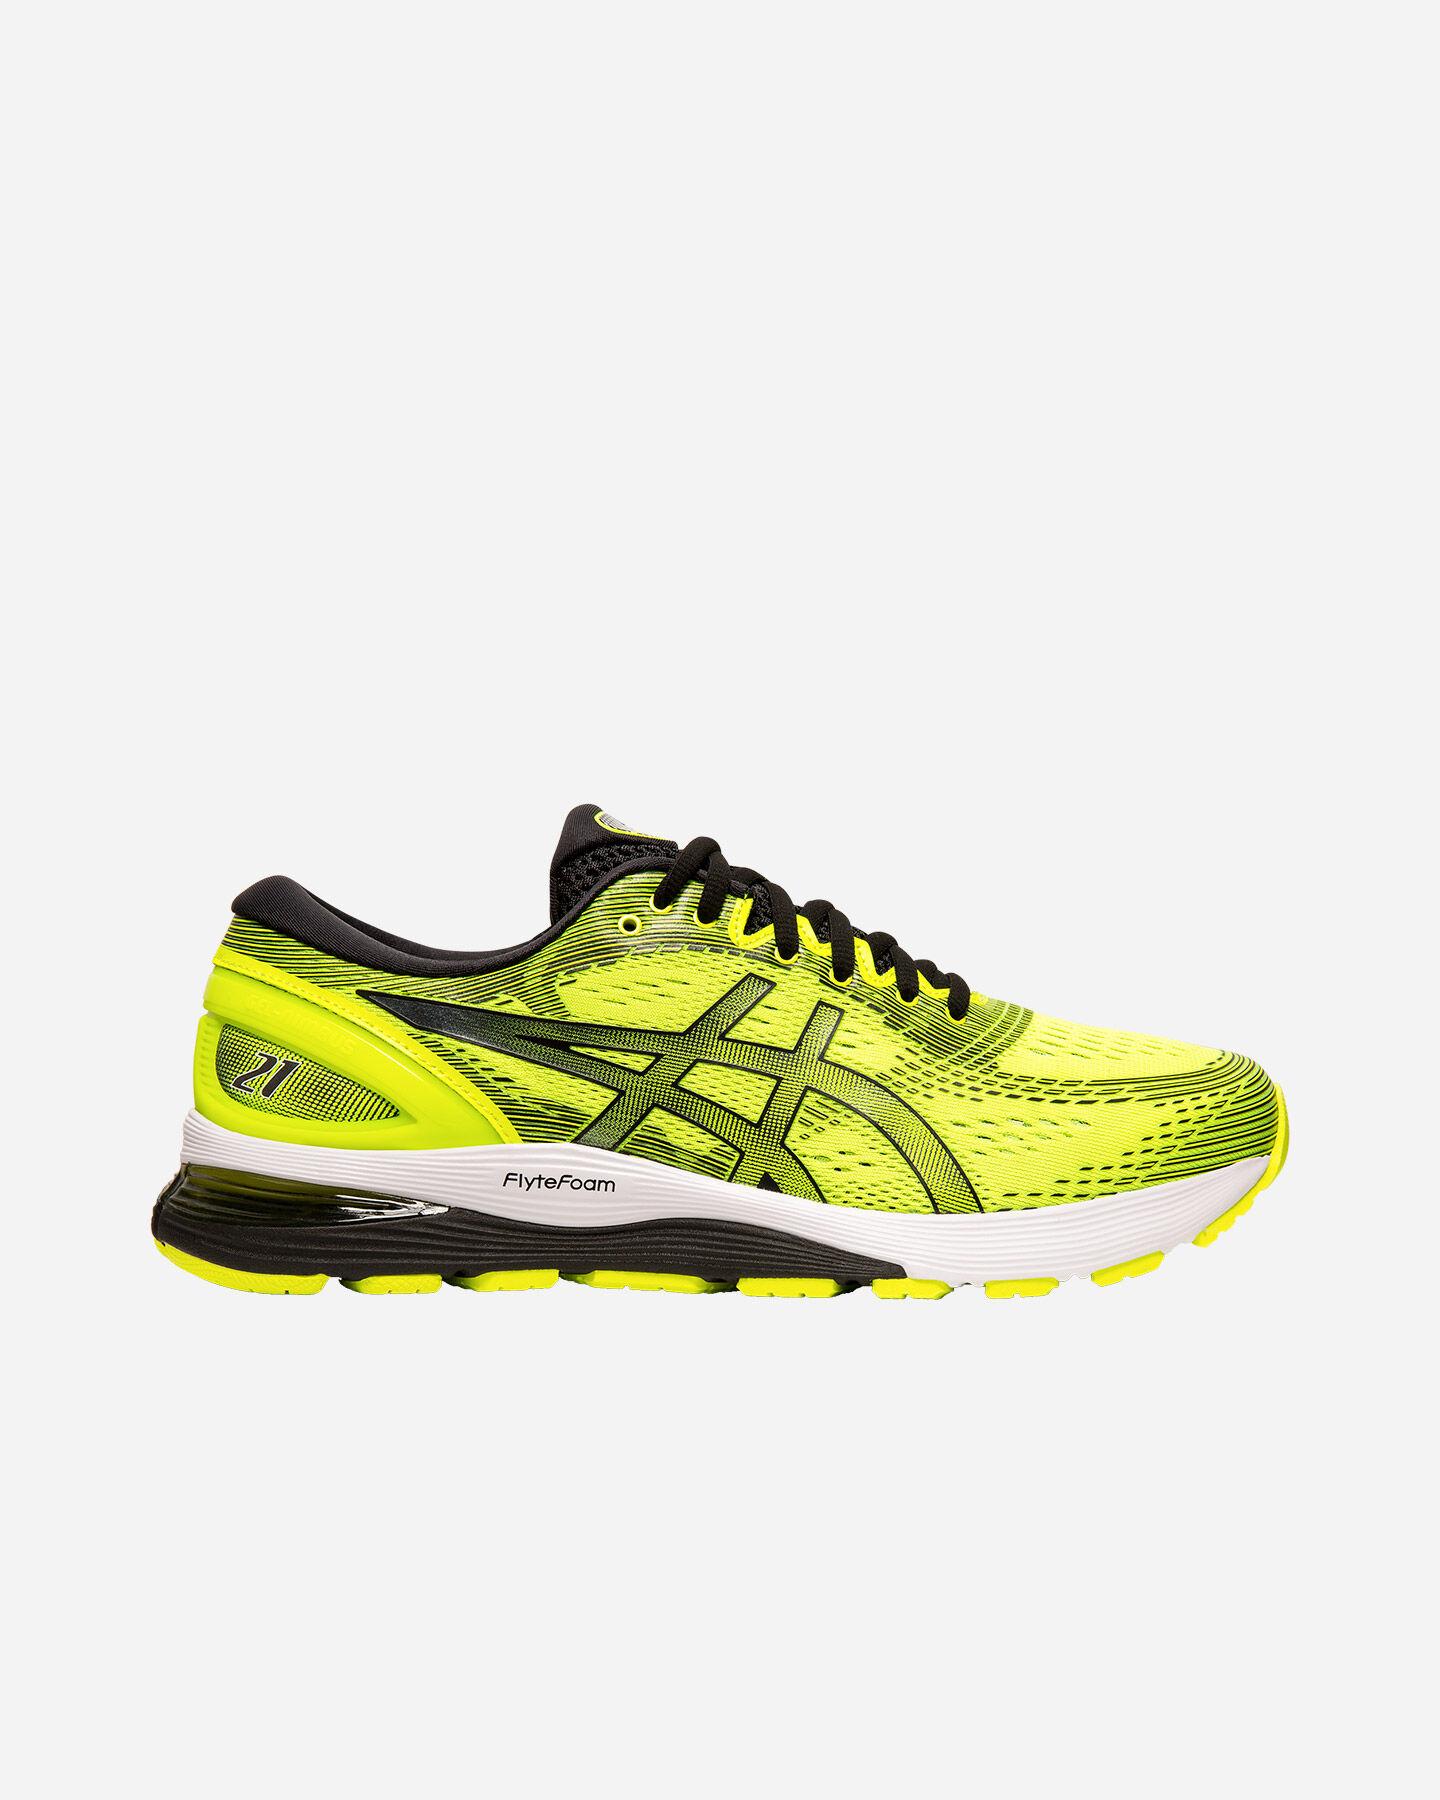 Scarpe, abbigliamento tecnico e elettronica running